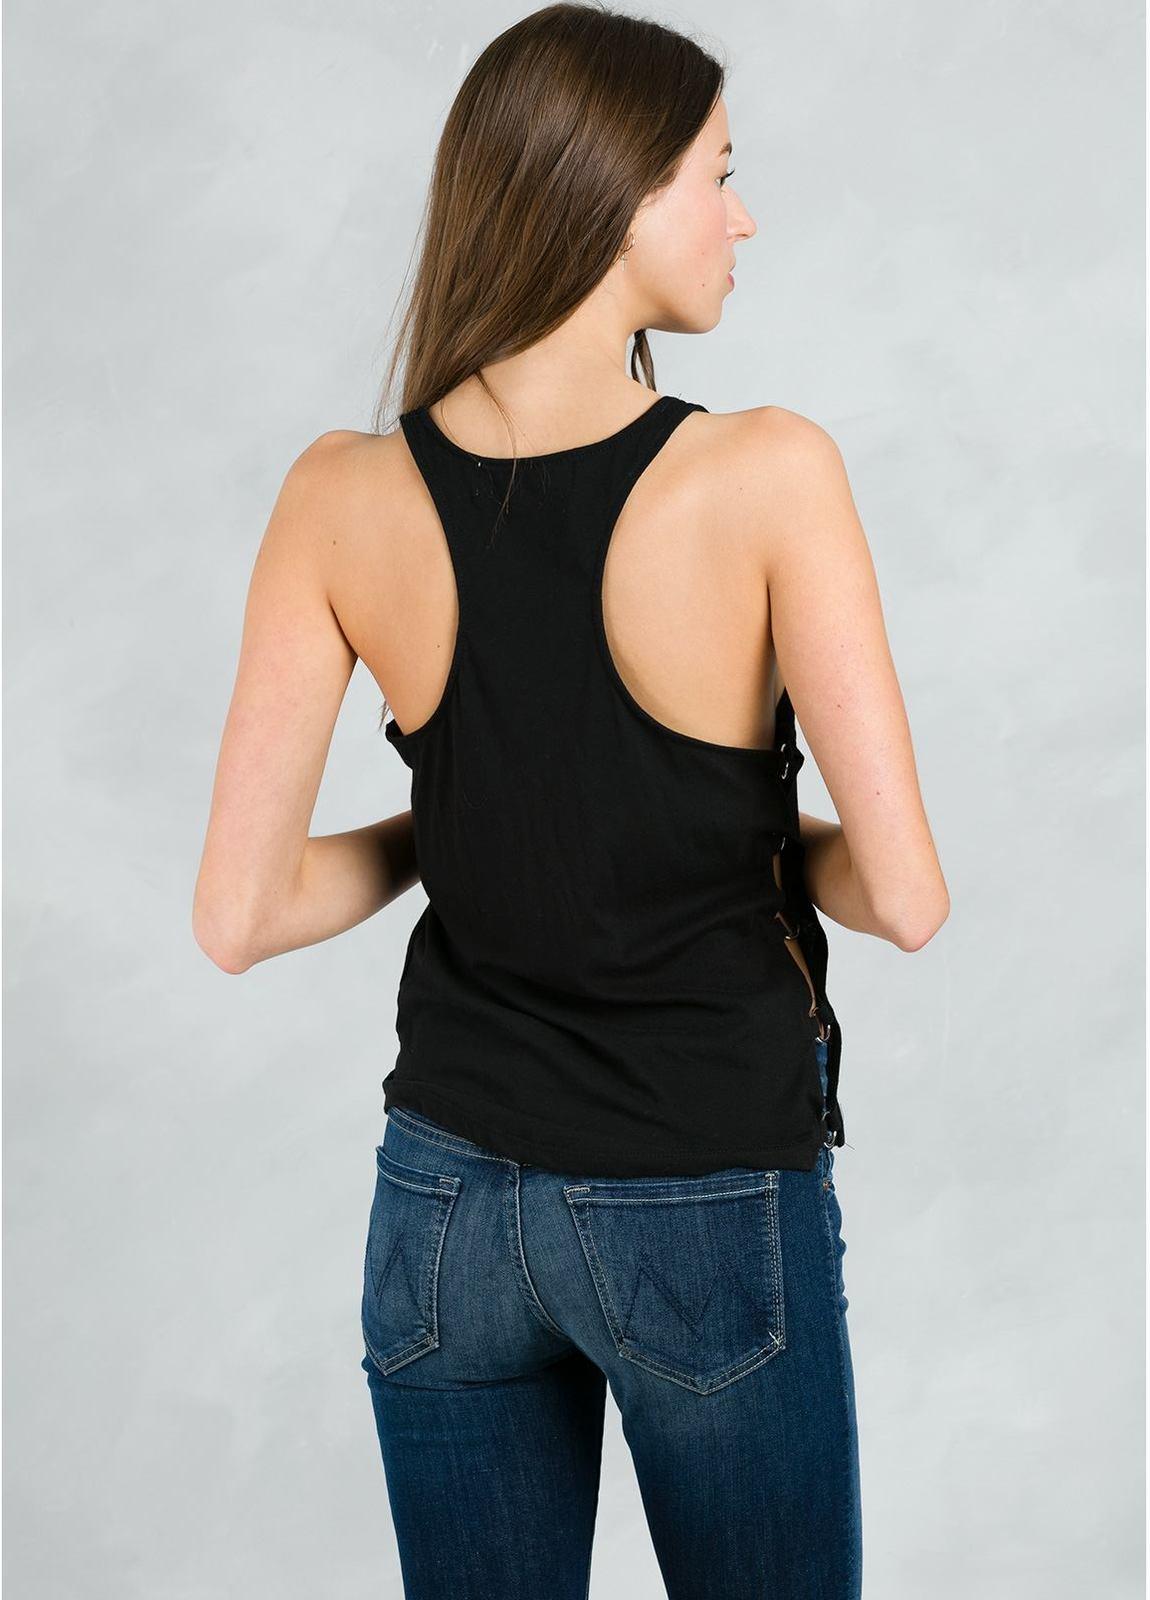 Top woman de tirantes y espalda estilo nadador, color negro. - Ítem1